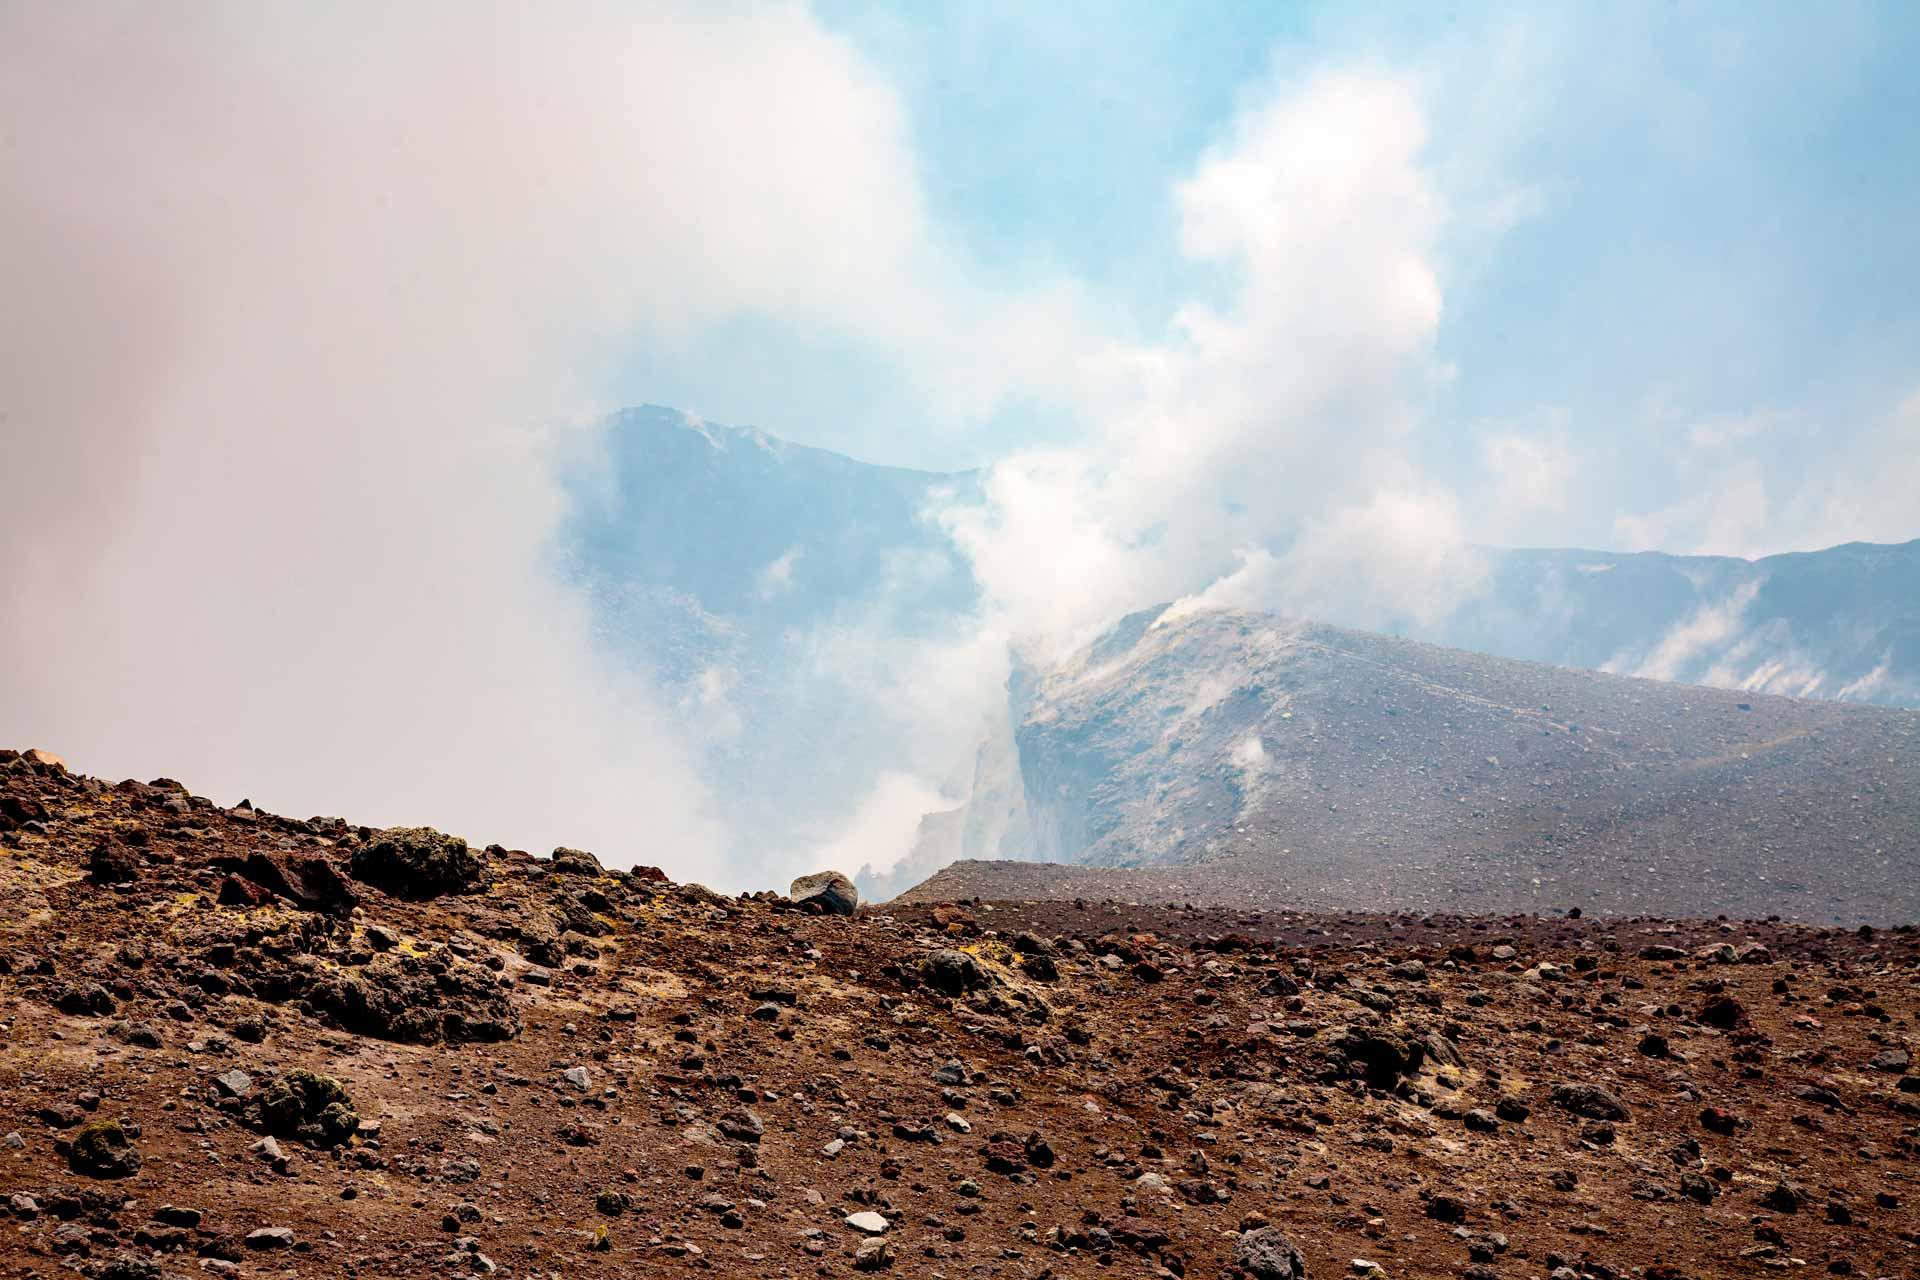 """Proseguendo in un'atmosfera minacciosa di nubi mefitiche, si apre sul versante ovest, un baratro spaventoso: la """"Bocca nuova"""". Oggi sempre attivo, il cratere si ingrandisce ancora. Il suo pozzo di 300 mt di larghezza, racchiude nelle sue profondità fumose, molte bocche eruttive."""